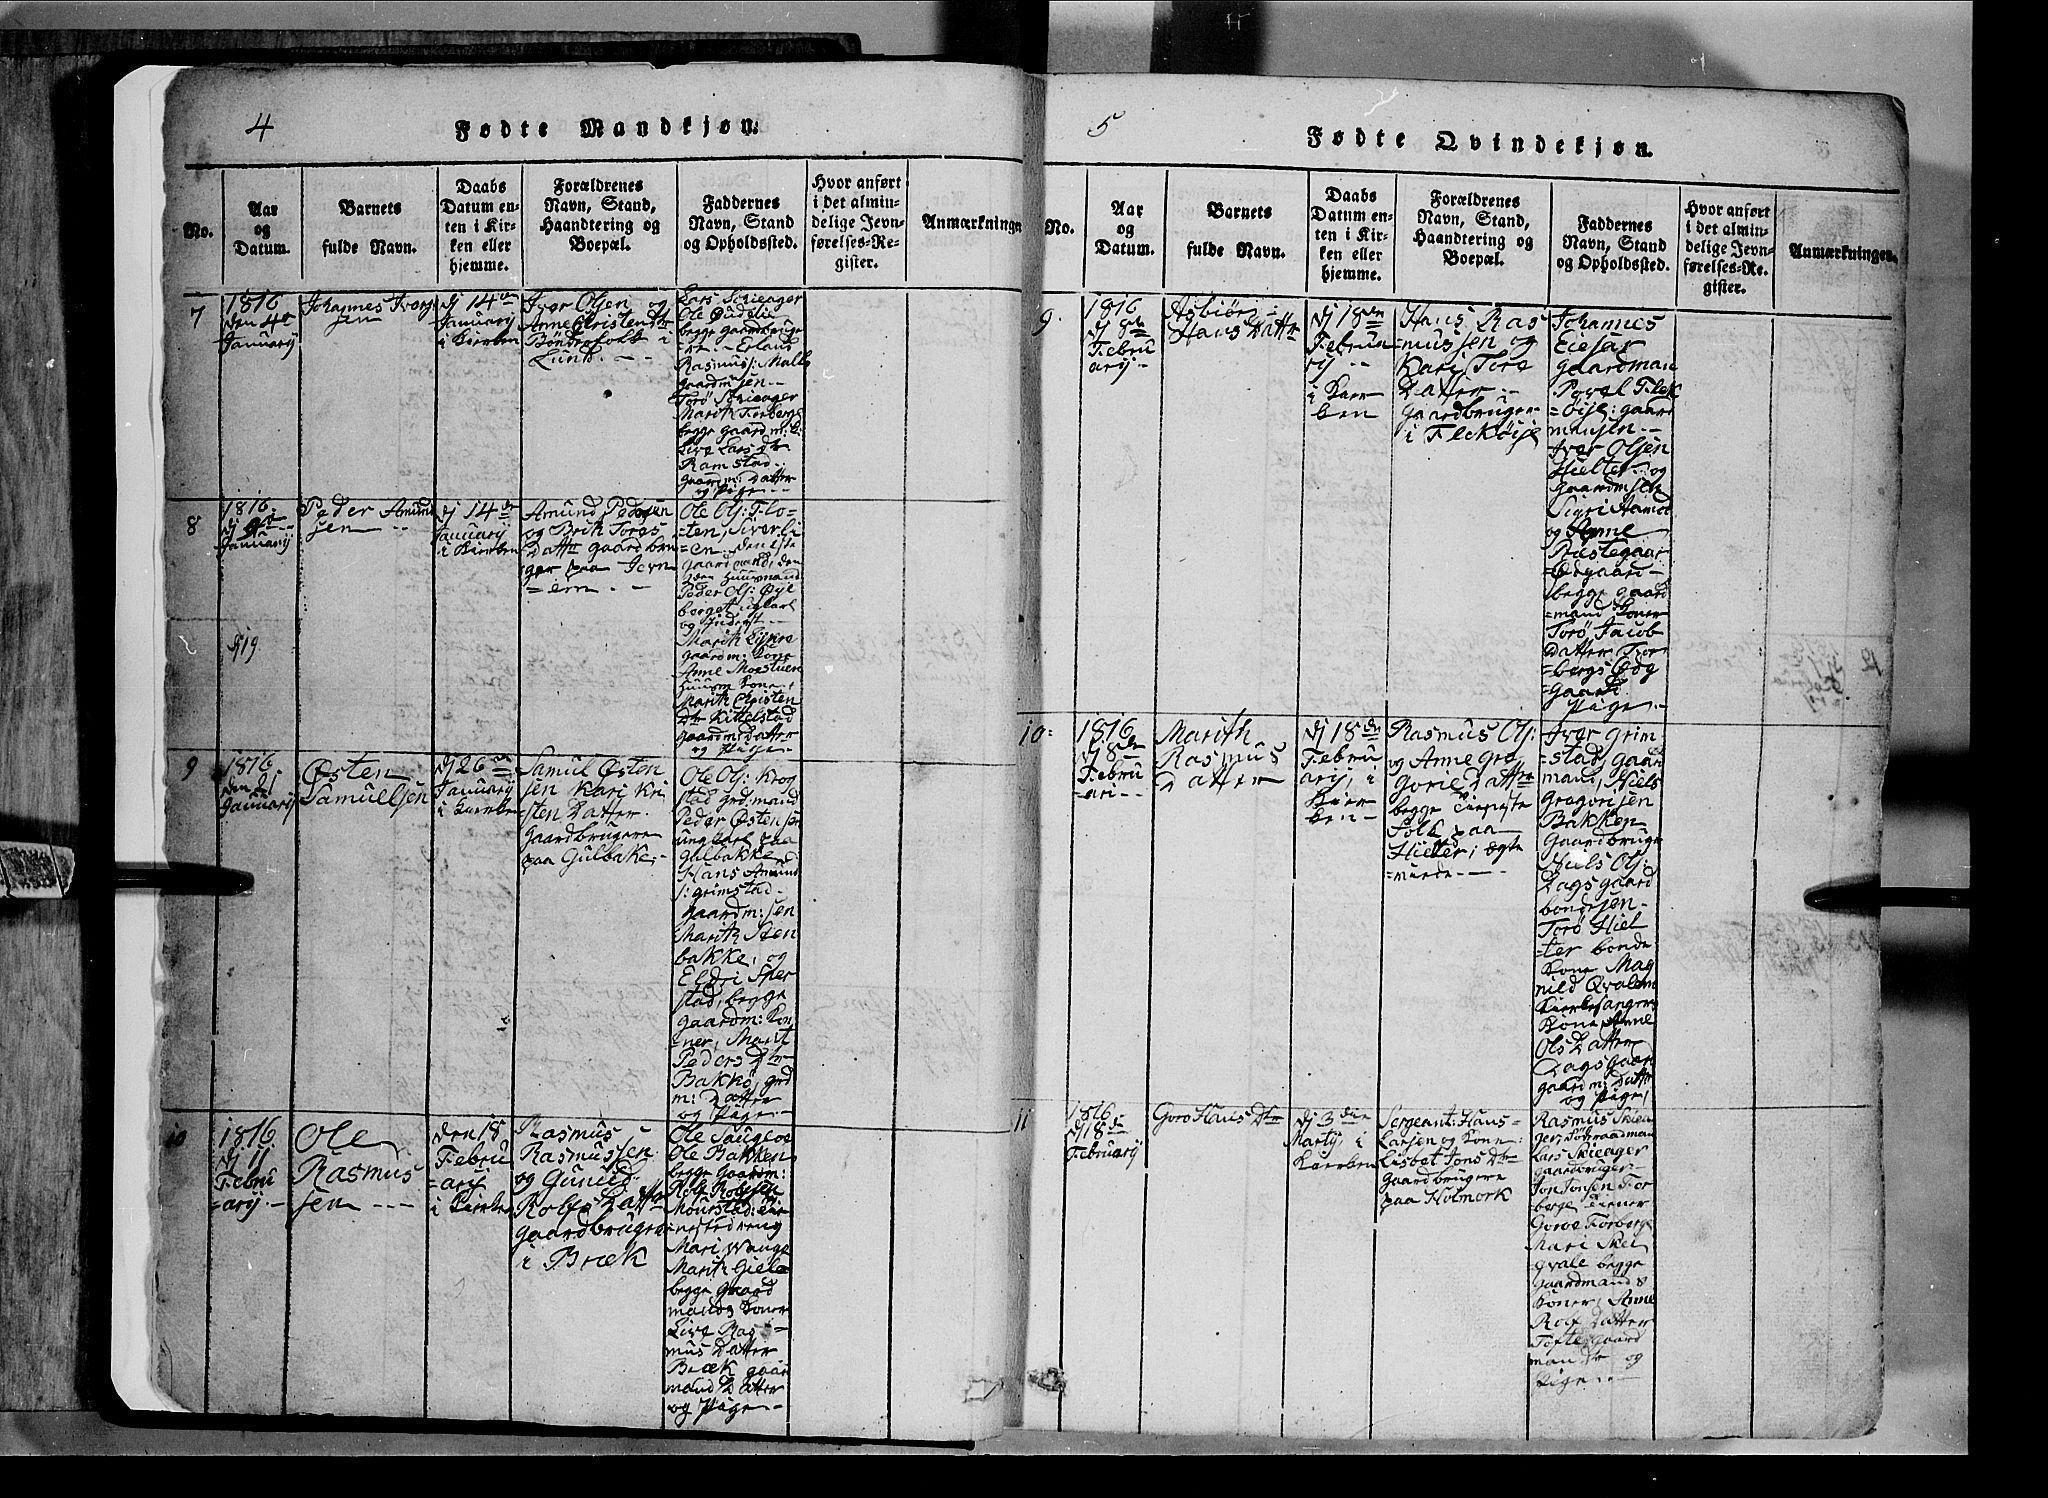 SAH, Lom prestekontor, L/L0003: Klokkerbok nr. 3, 1815-1844, s. 4-5